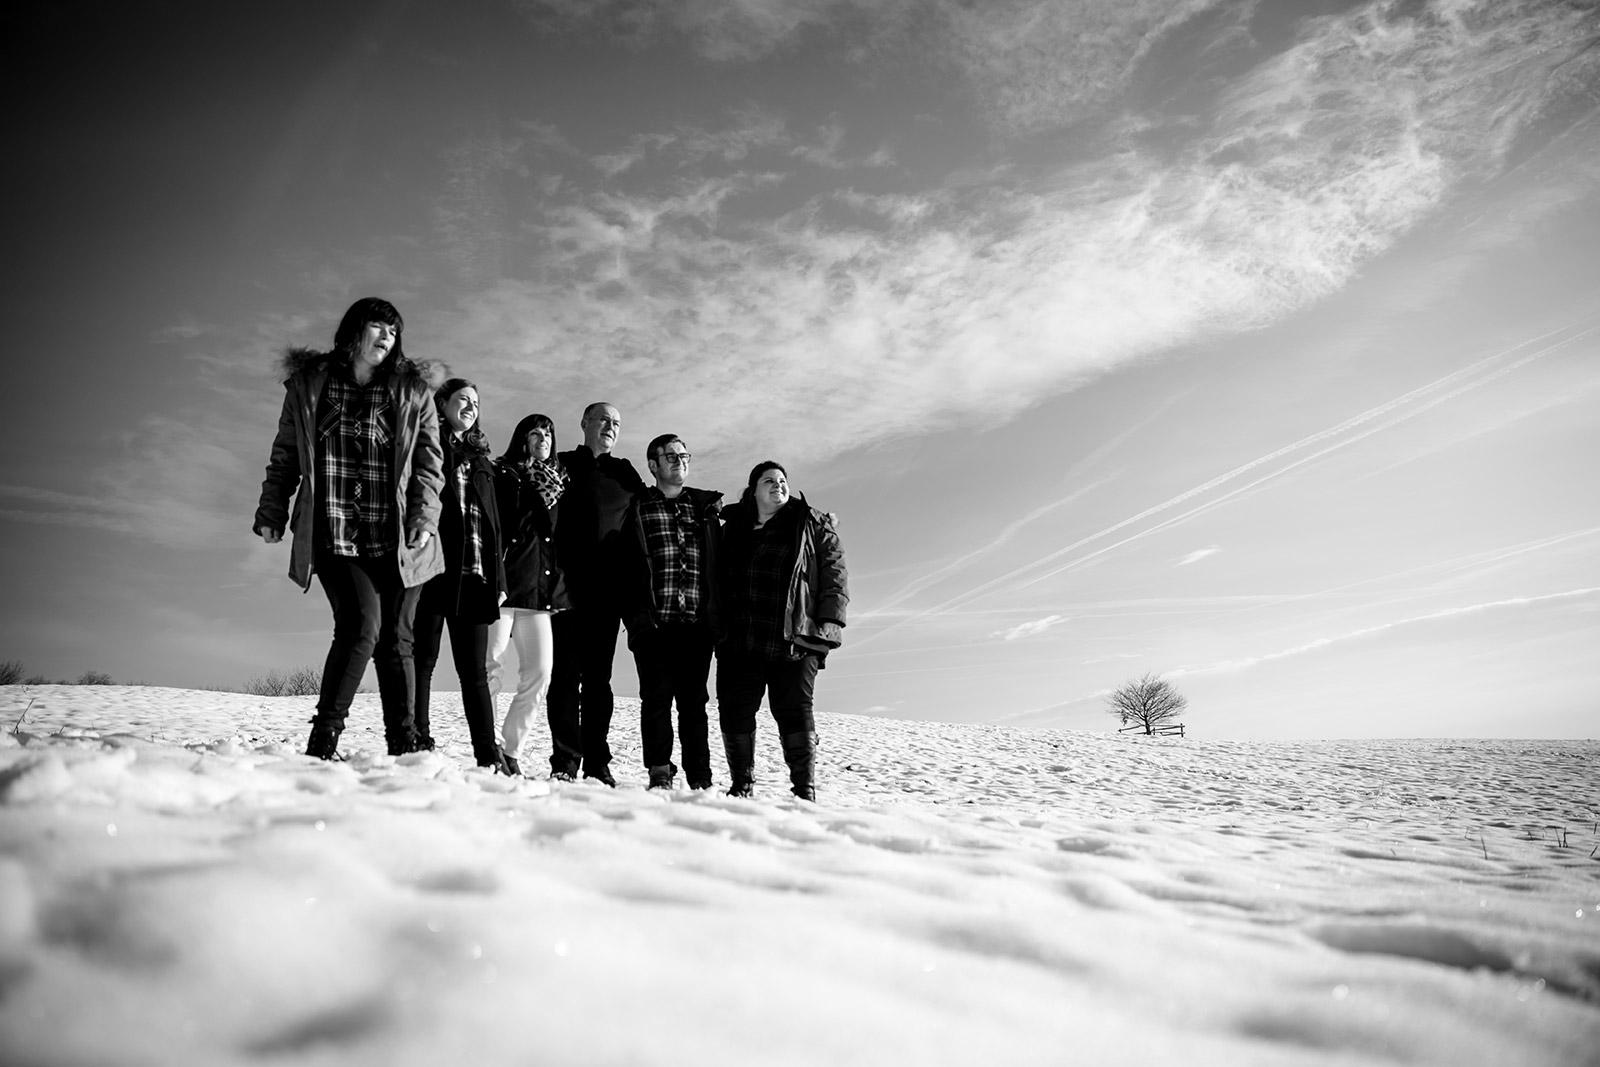 Séance photo famille Photographe séance famille à la montagne dans la neige Castille ALMA photographe